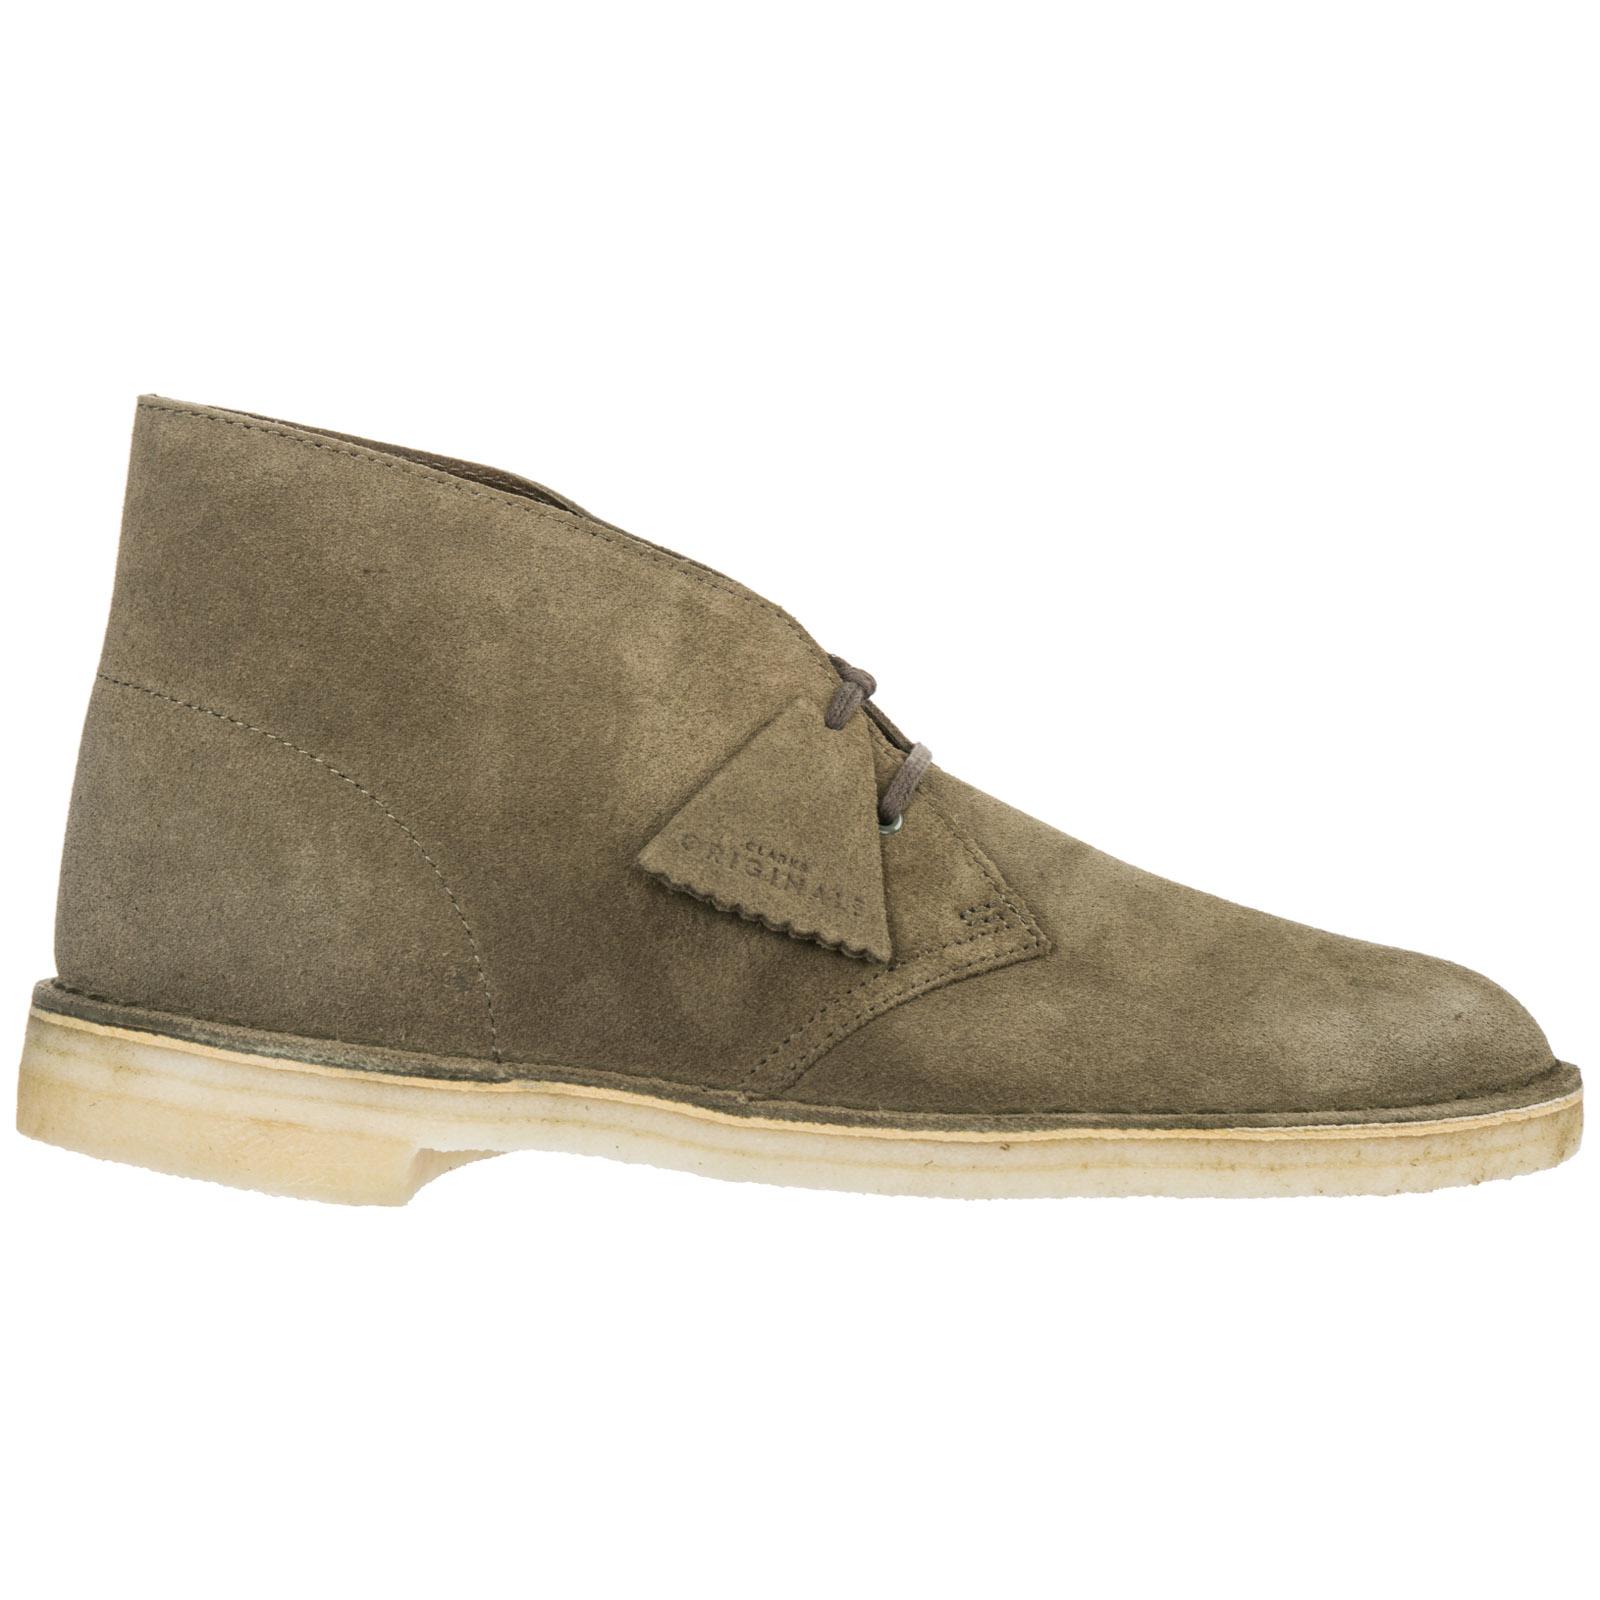 b840b6c49451fd Desert boots Clarks Desert boot DESERTBOOTM29OLI olive | FRMODA.com